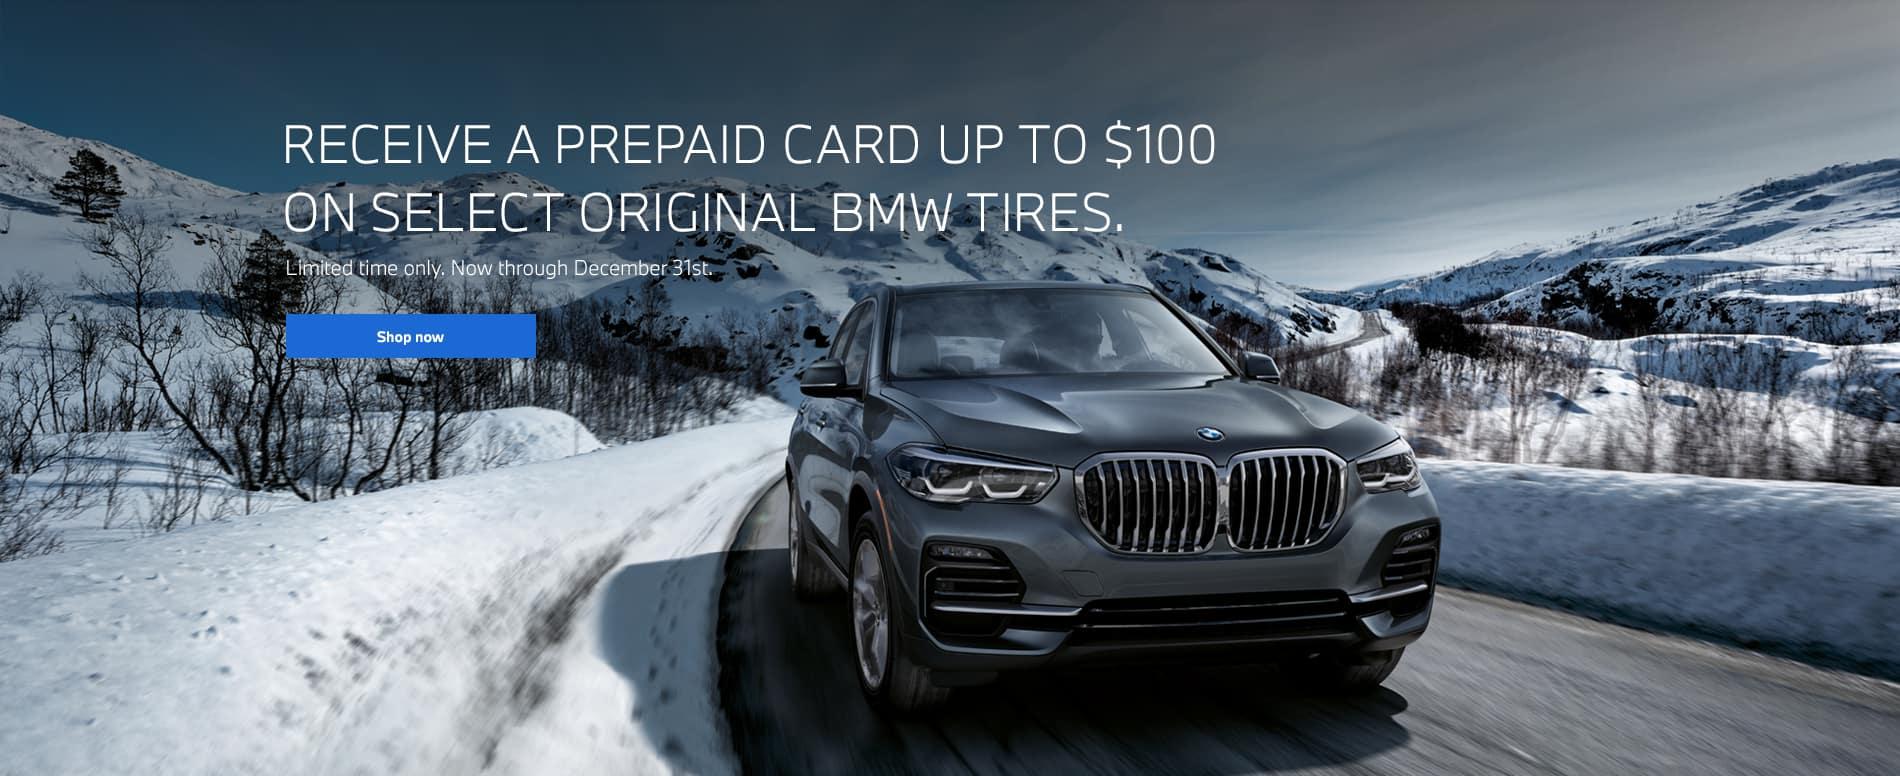 BMW_Oct-DecTireRebate20_DealerFMA_snow-1900×776